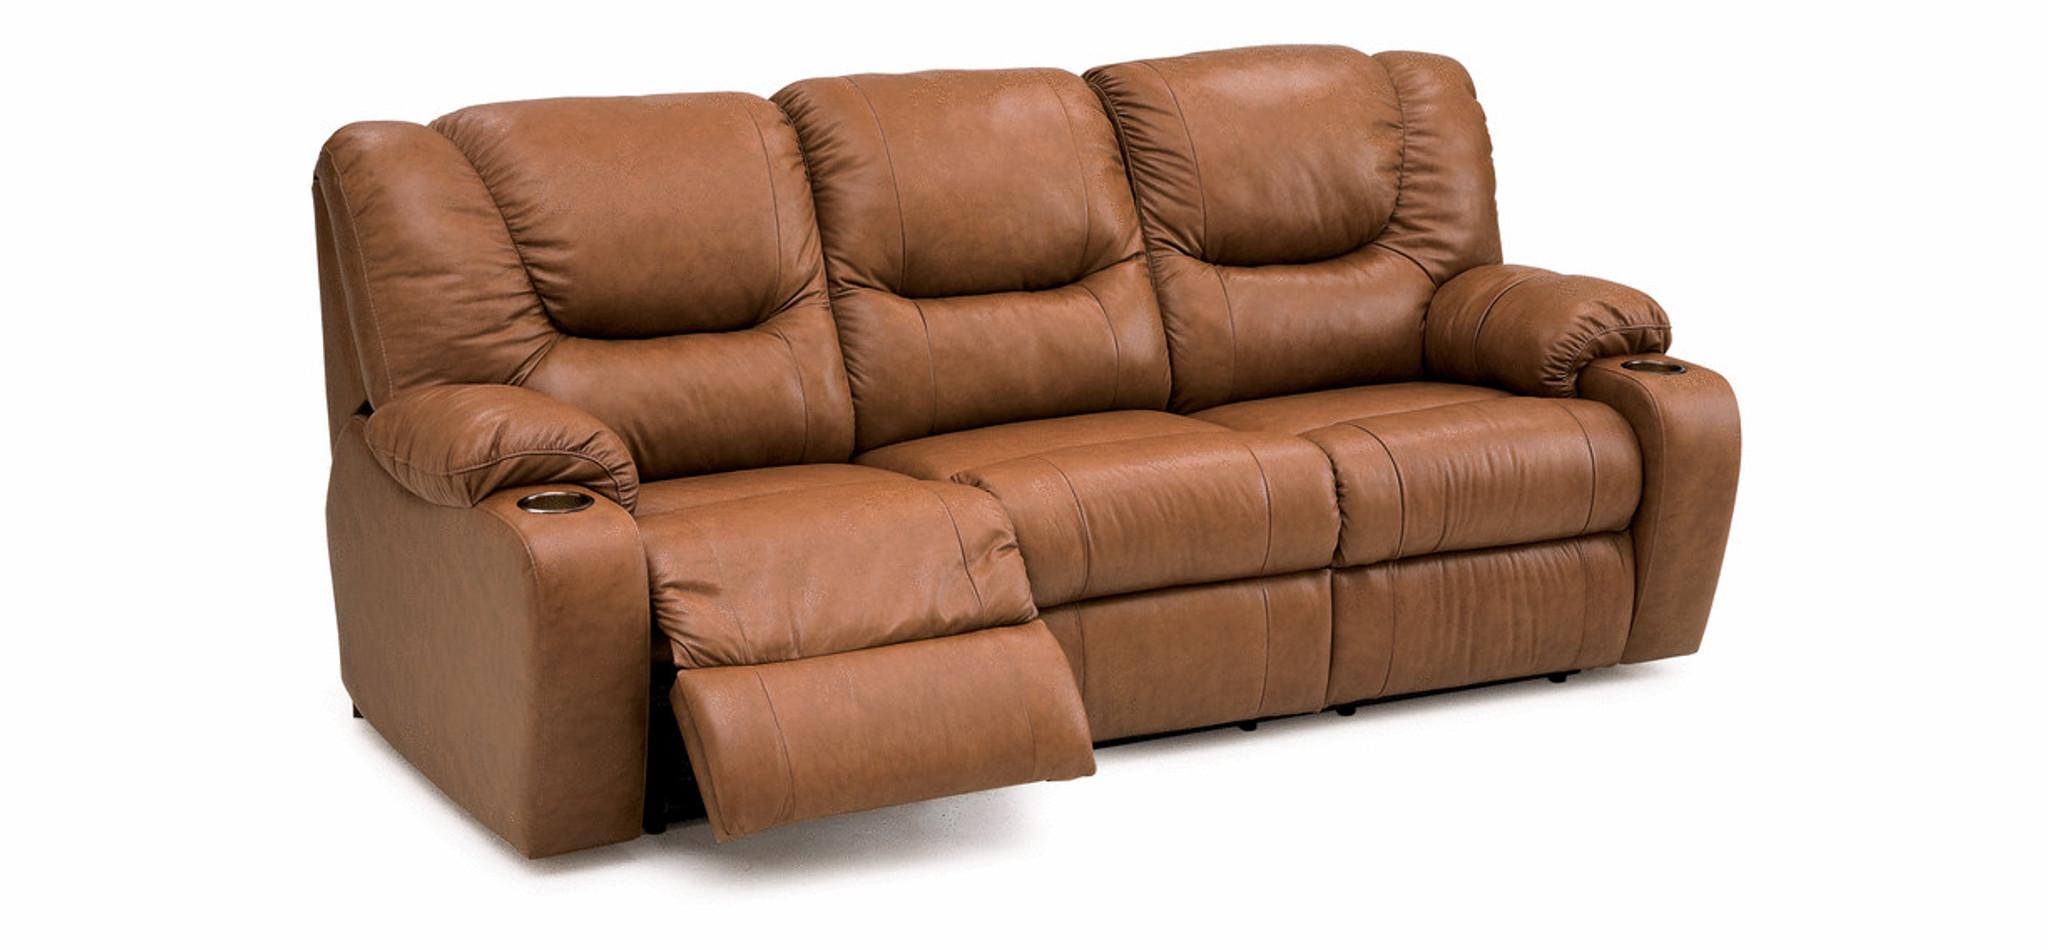 Palliser Dugan Leather Sofa Recliner Model 41012| Palliser ...